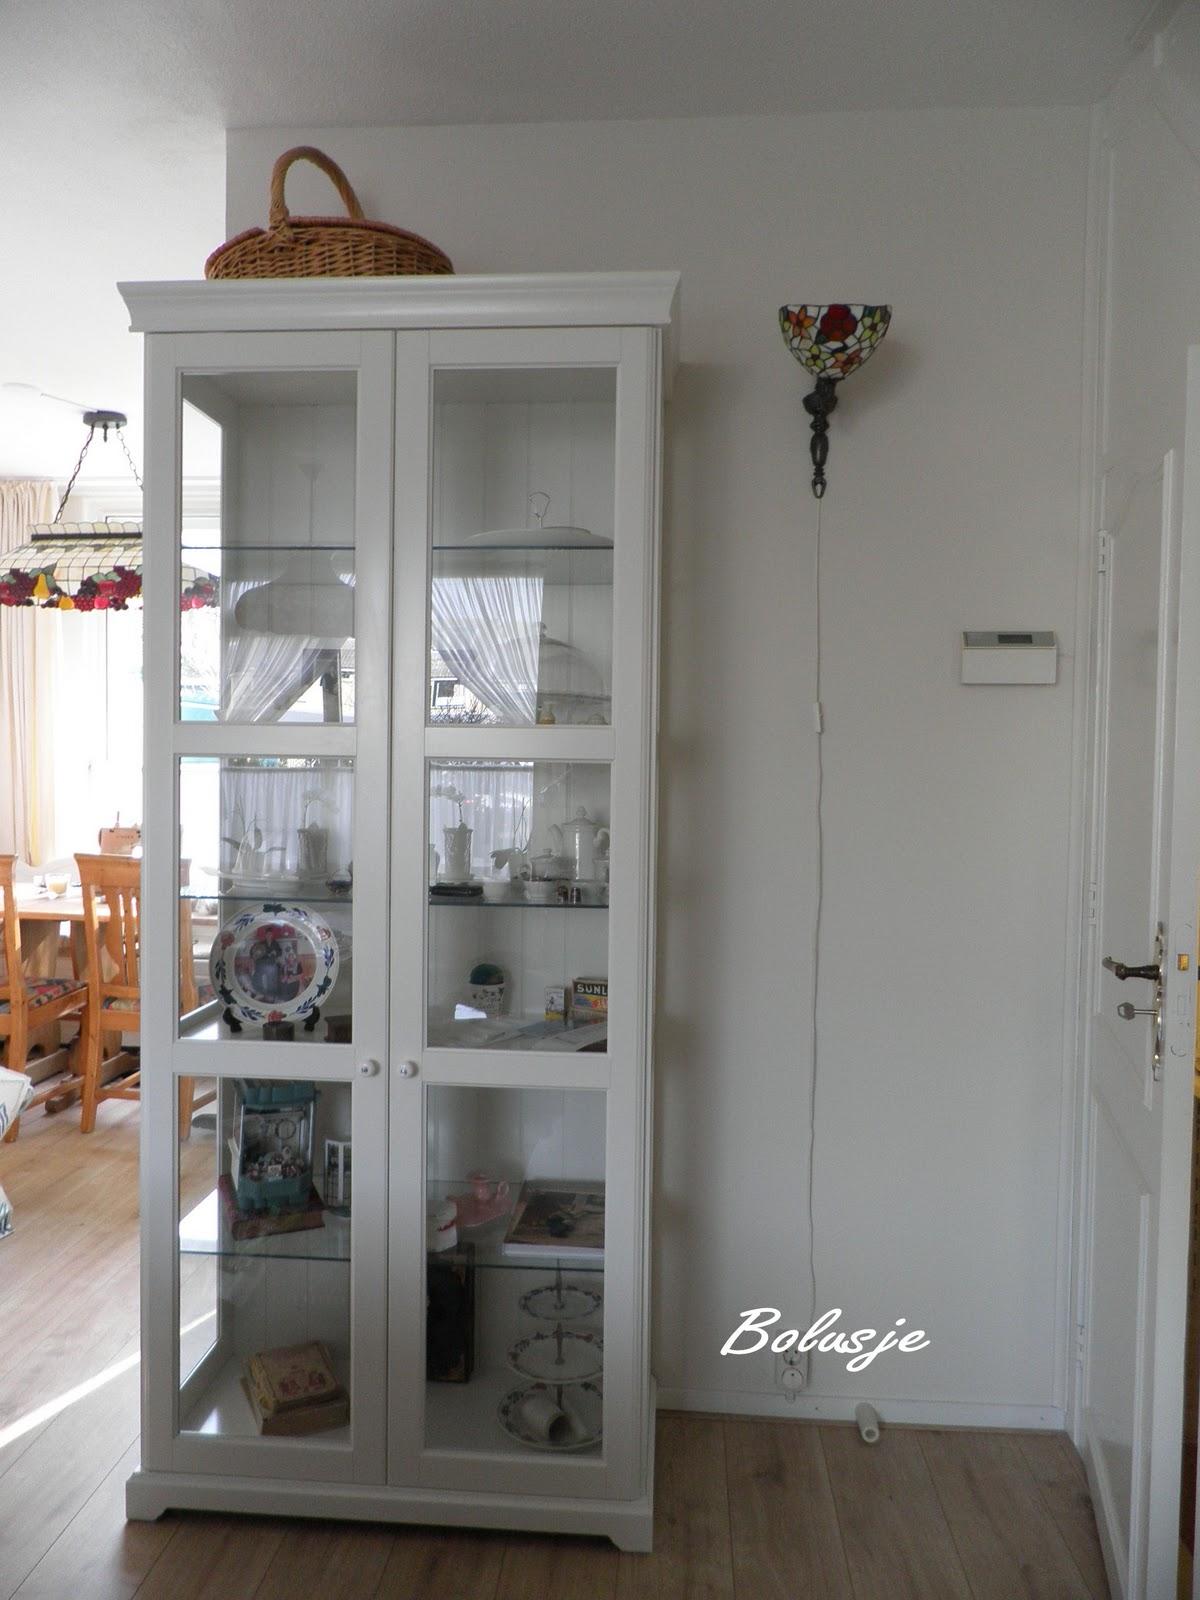 Ikea gordijnen maken: home / woonkamer gordijnen & rolgordijnen ...